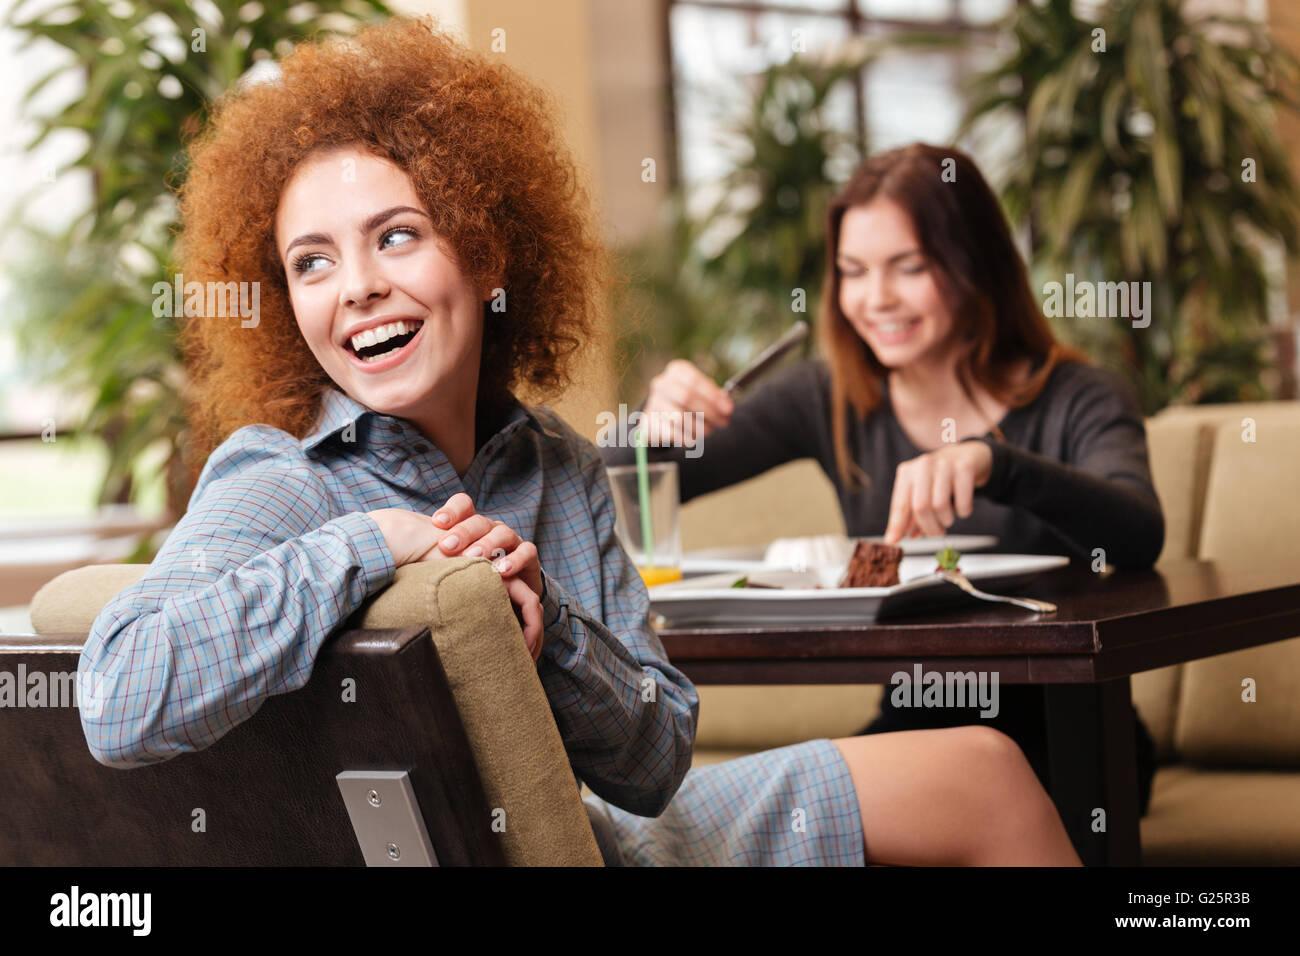 Due allegro bella giovane donna seduta al cafe e ridere insieme Immagini Stock